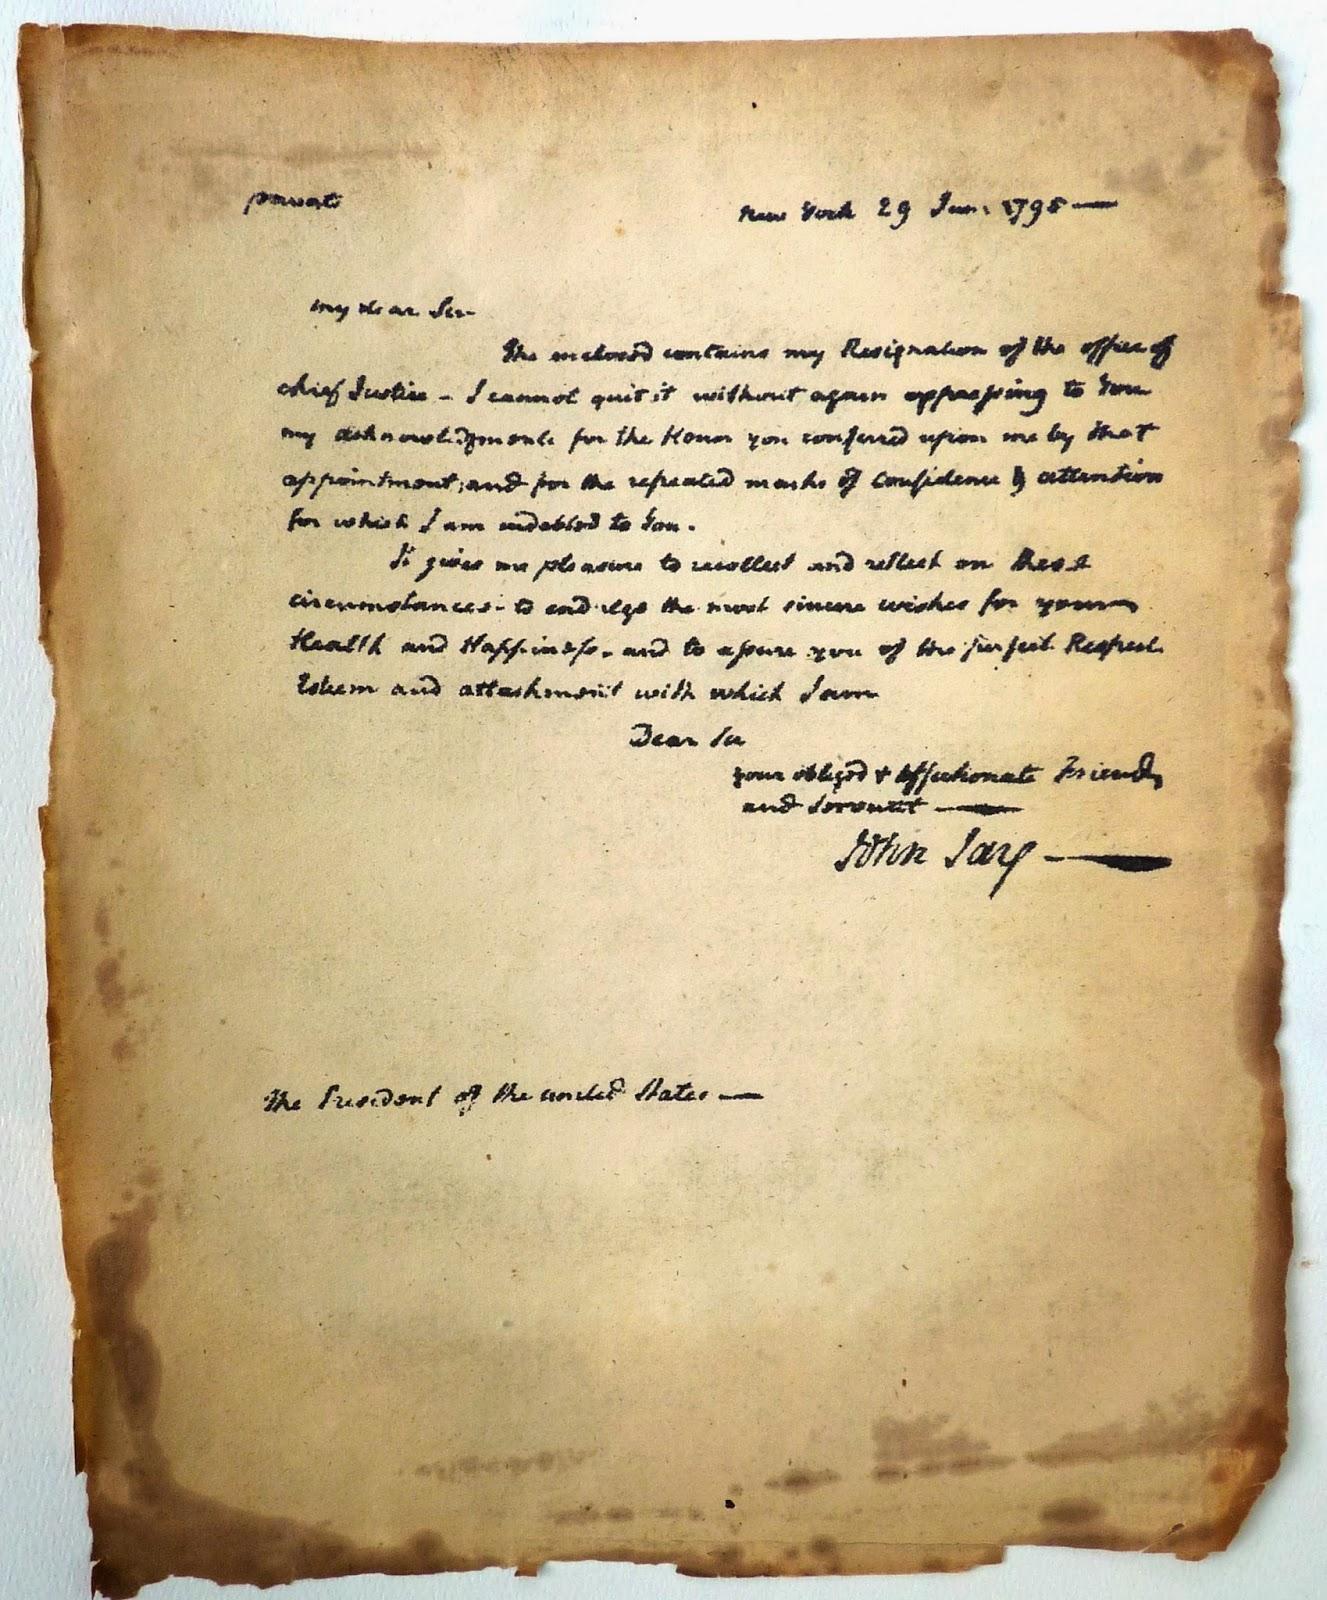 John Jay June 29th 1795 letter to